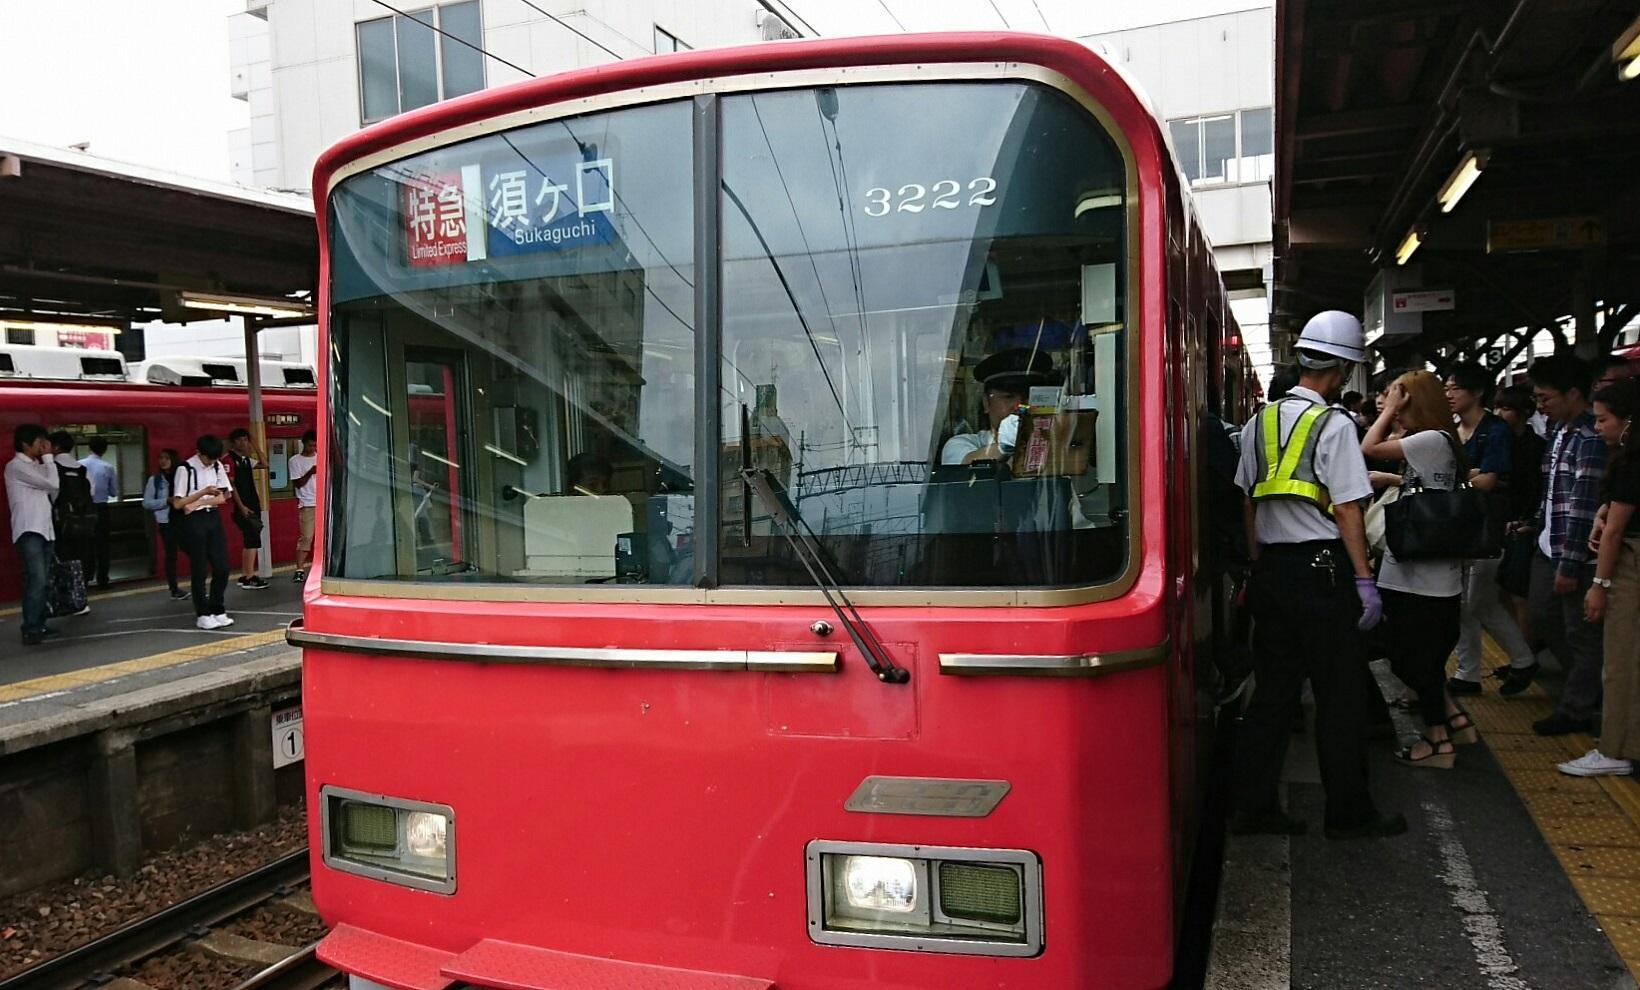 2018.7.27 (4) しんあんじょう - 須ヶ口いき特急 1640-990